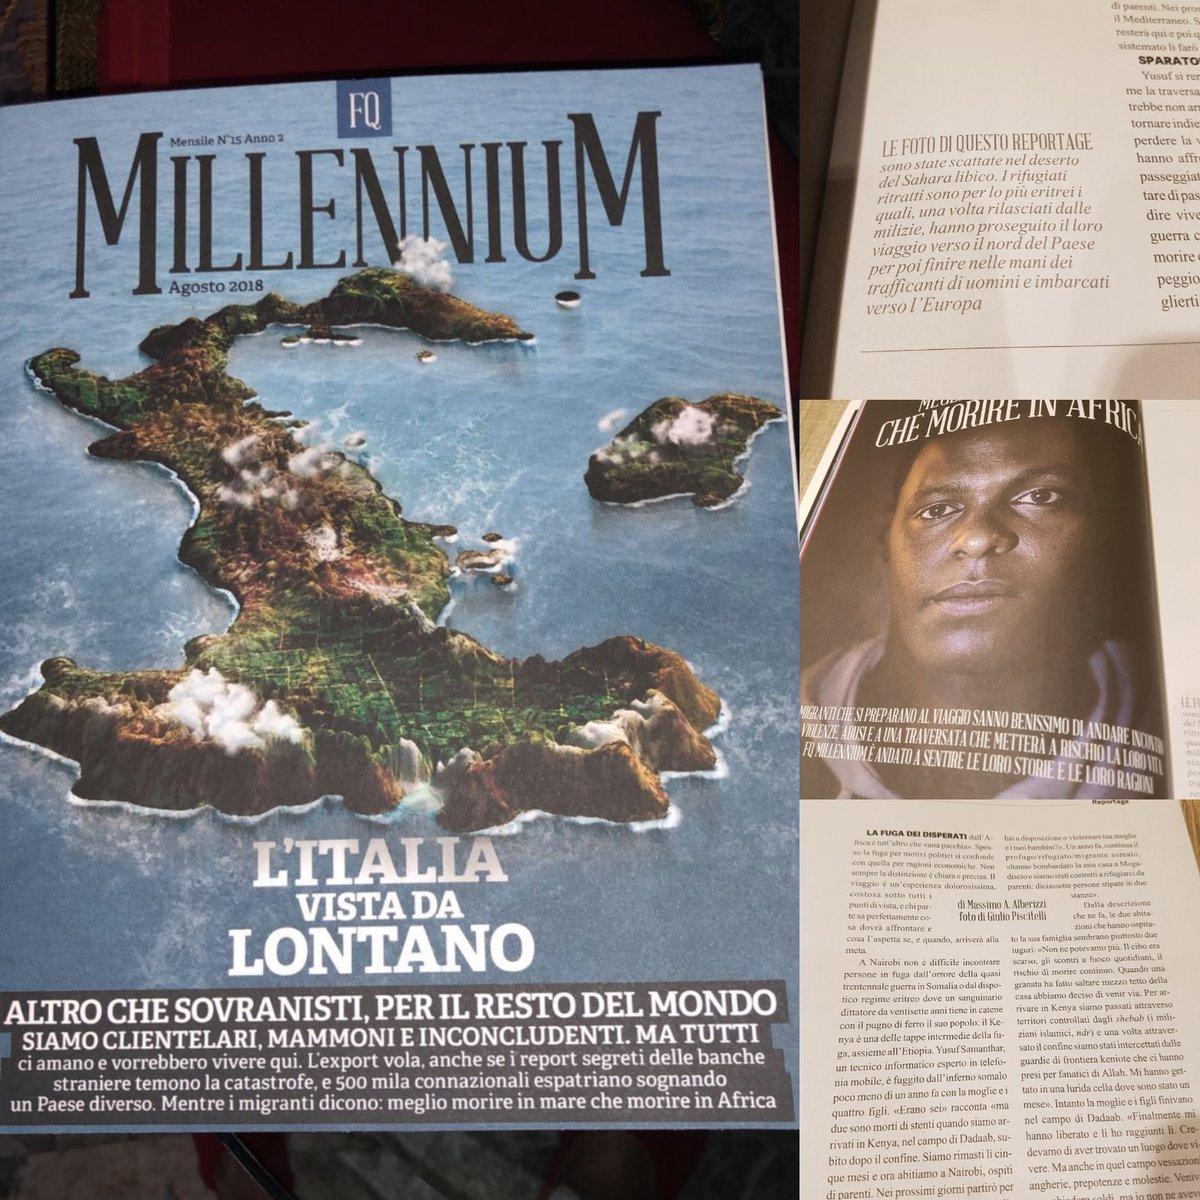 Africa e Migranti.Reportage di Massimo Alberizzi su MillenniuM. #Africa #Sahara #migranti #Millennium #ilfattoquotidiano @fattoquotidiano #massimoalberizzi  - Ukustom